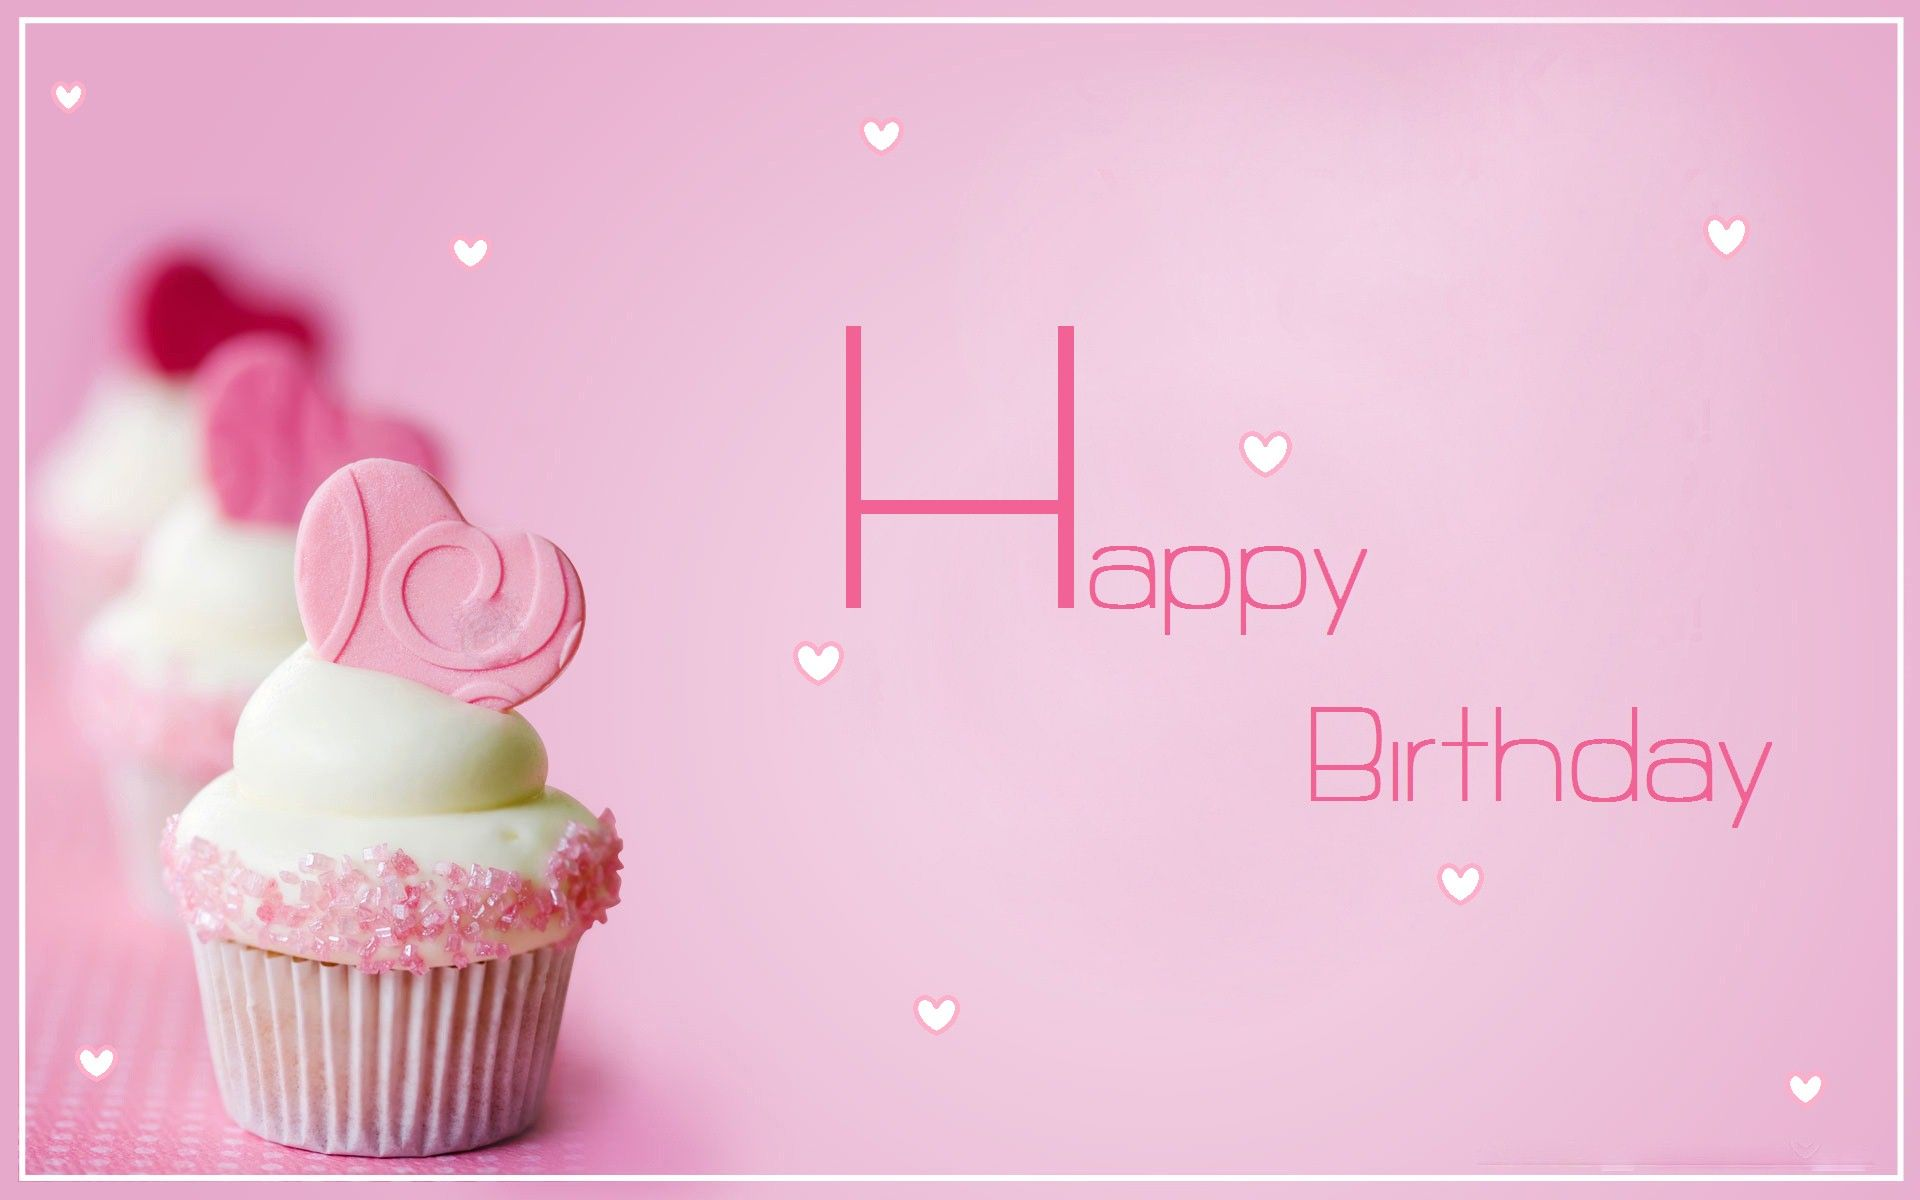 Поздравление для девушки с днем рождения романтическое